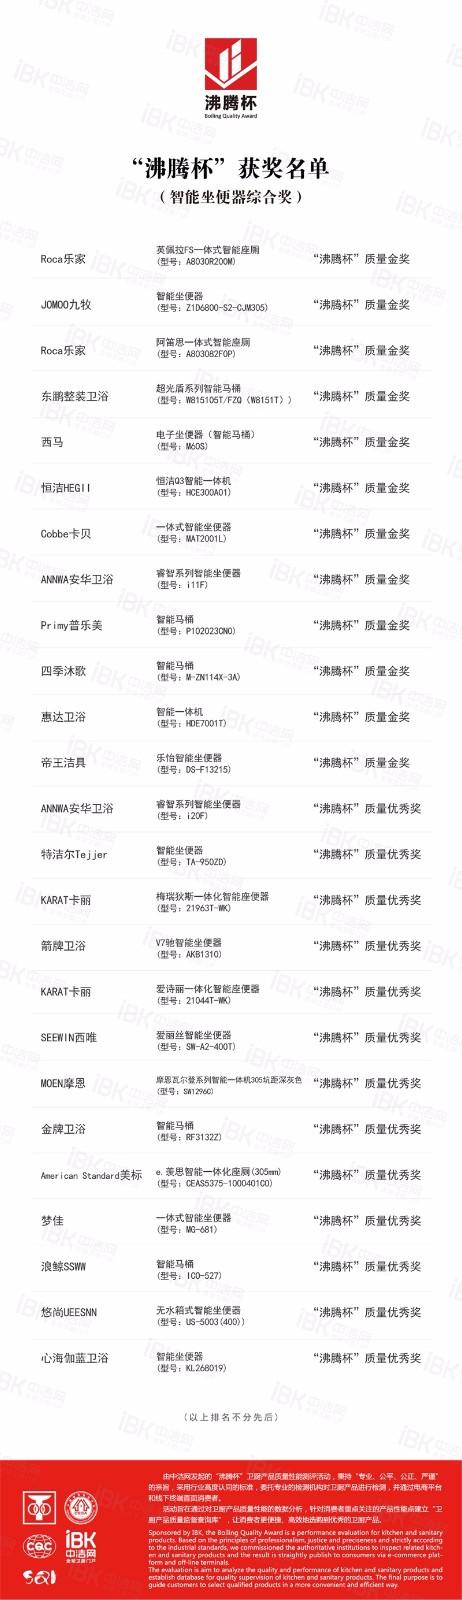 2019沸腾杯-整体式智能坐便器-综合奖_副本.jpg